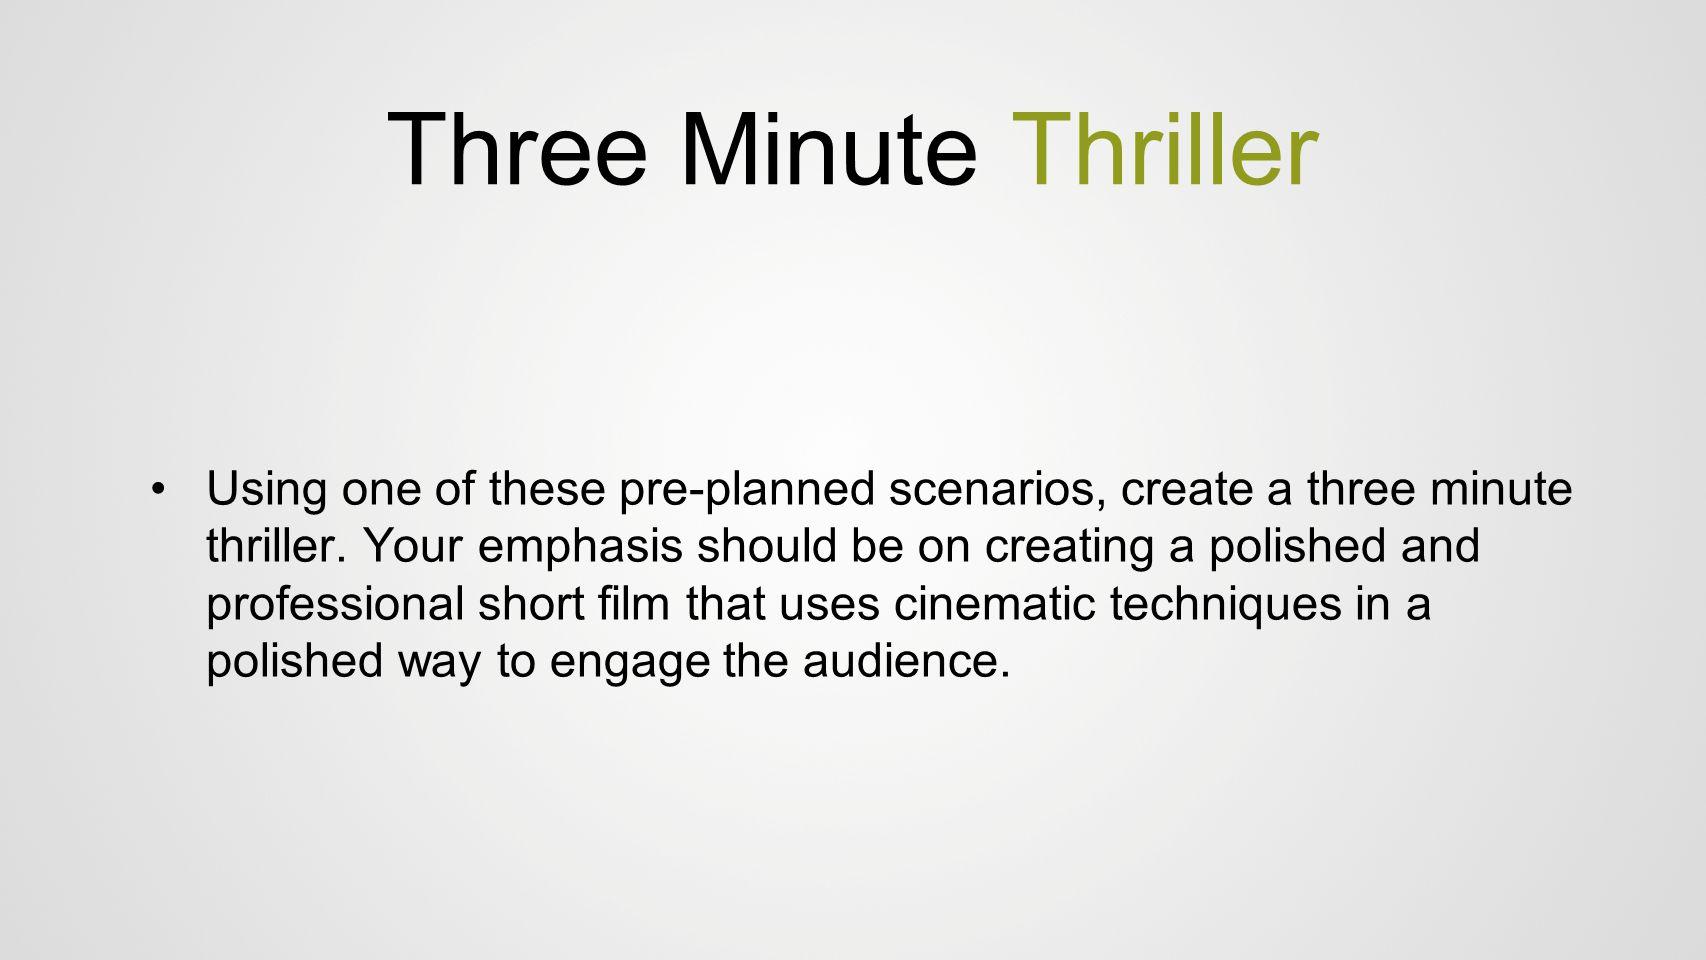 Three Minute Thriller